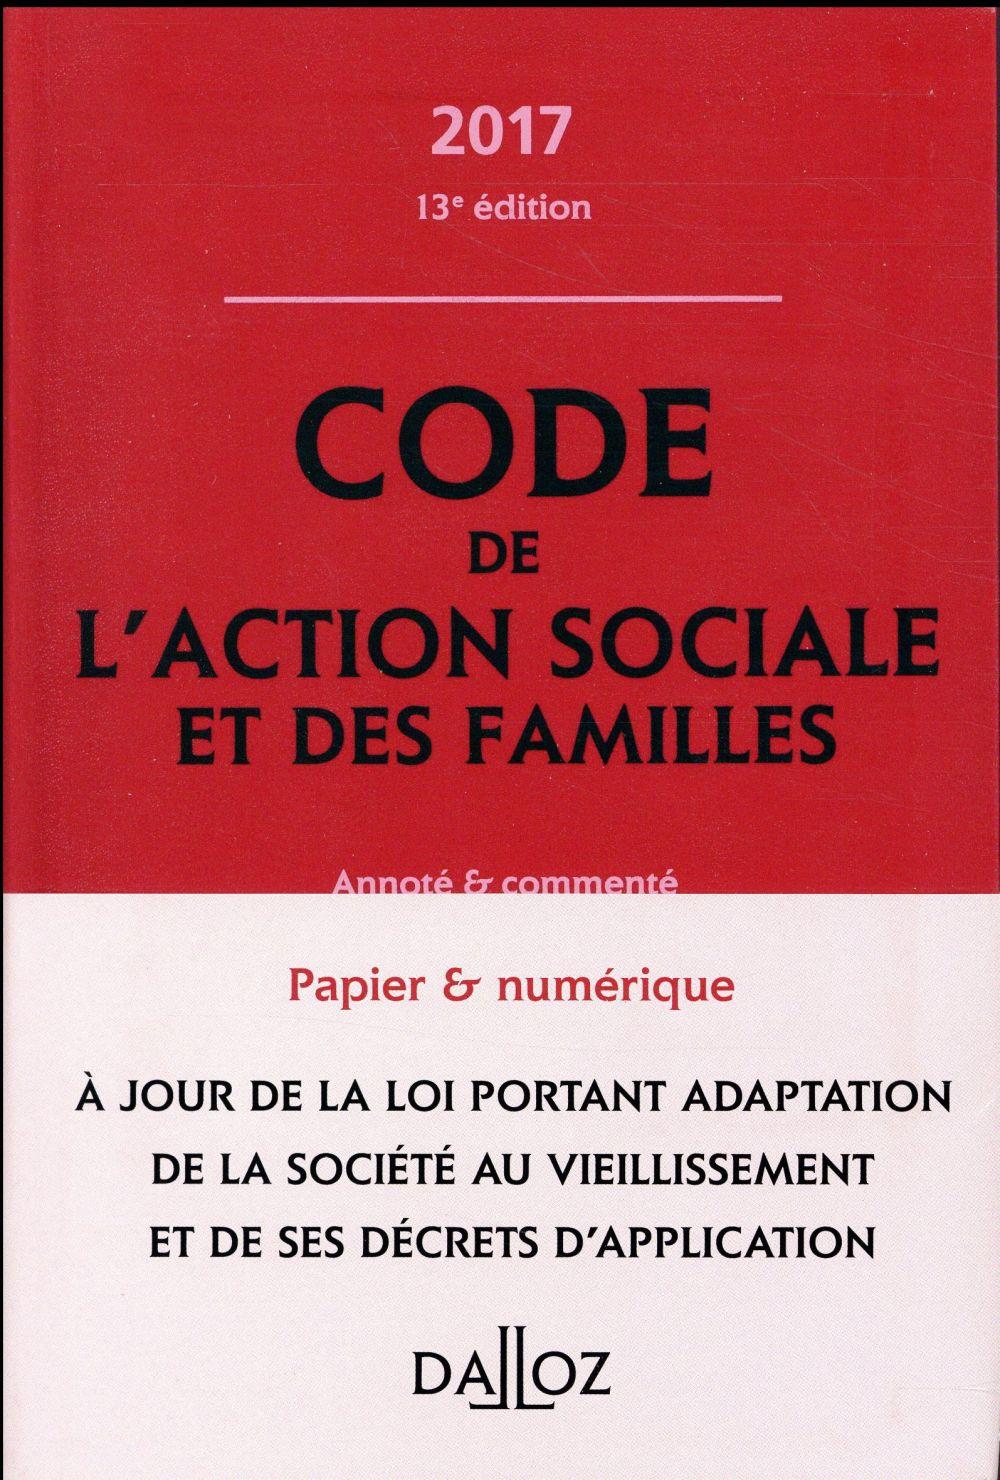 Code de l'action sociale et des familles ; annoté et commenté (édition 2017)